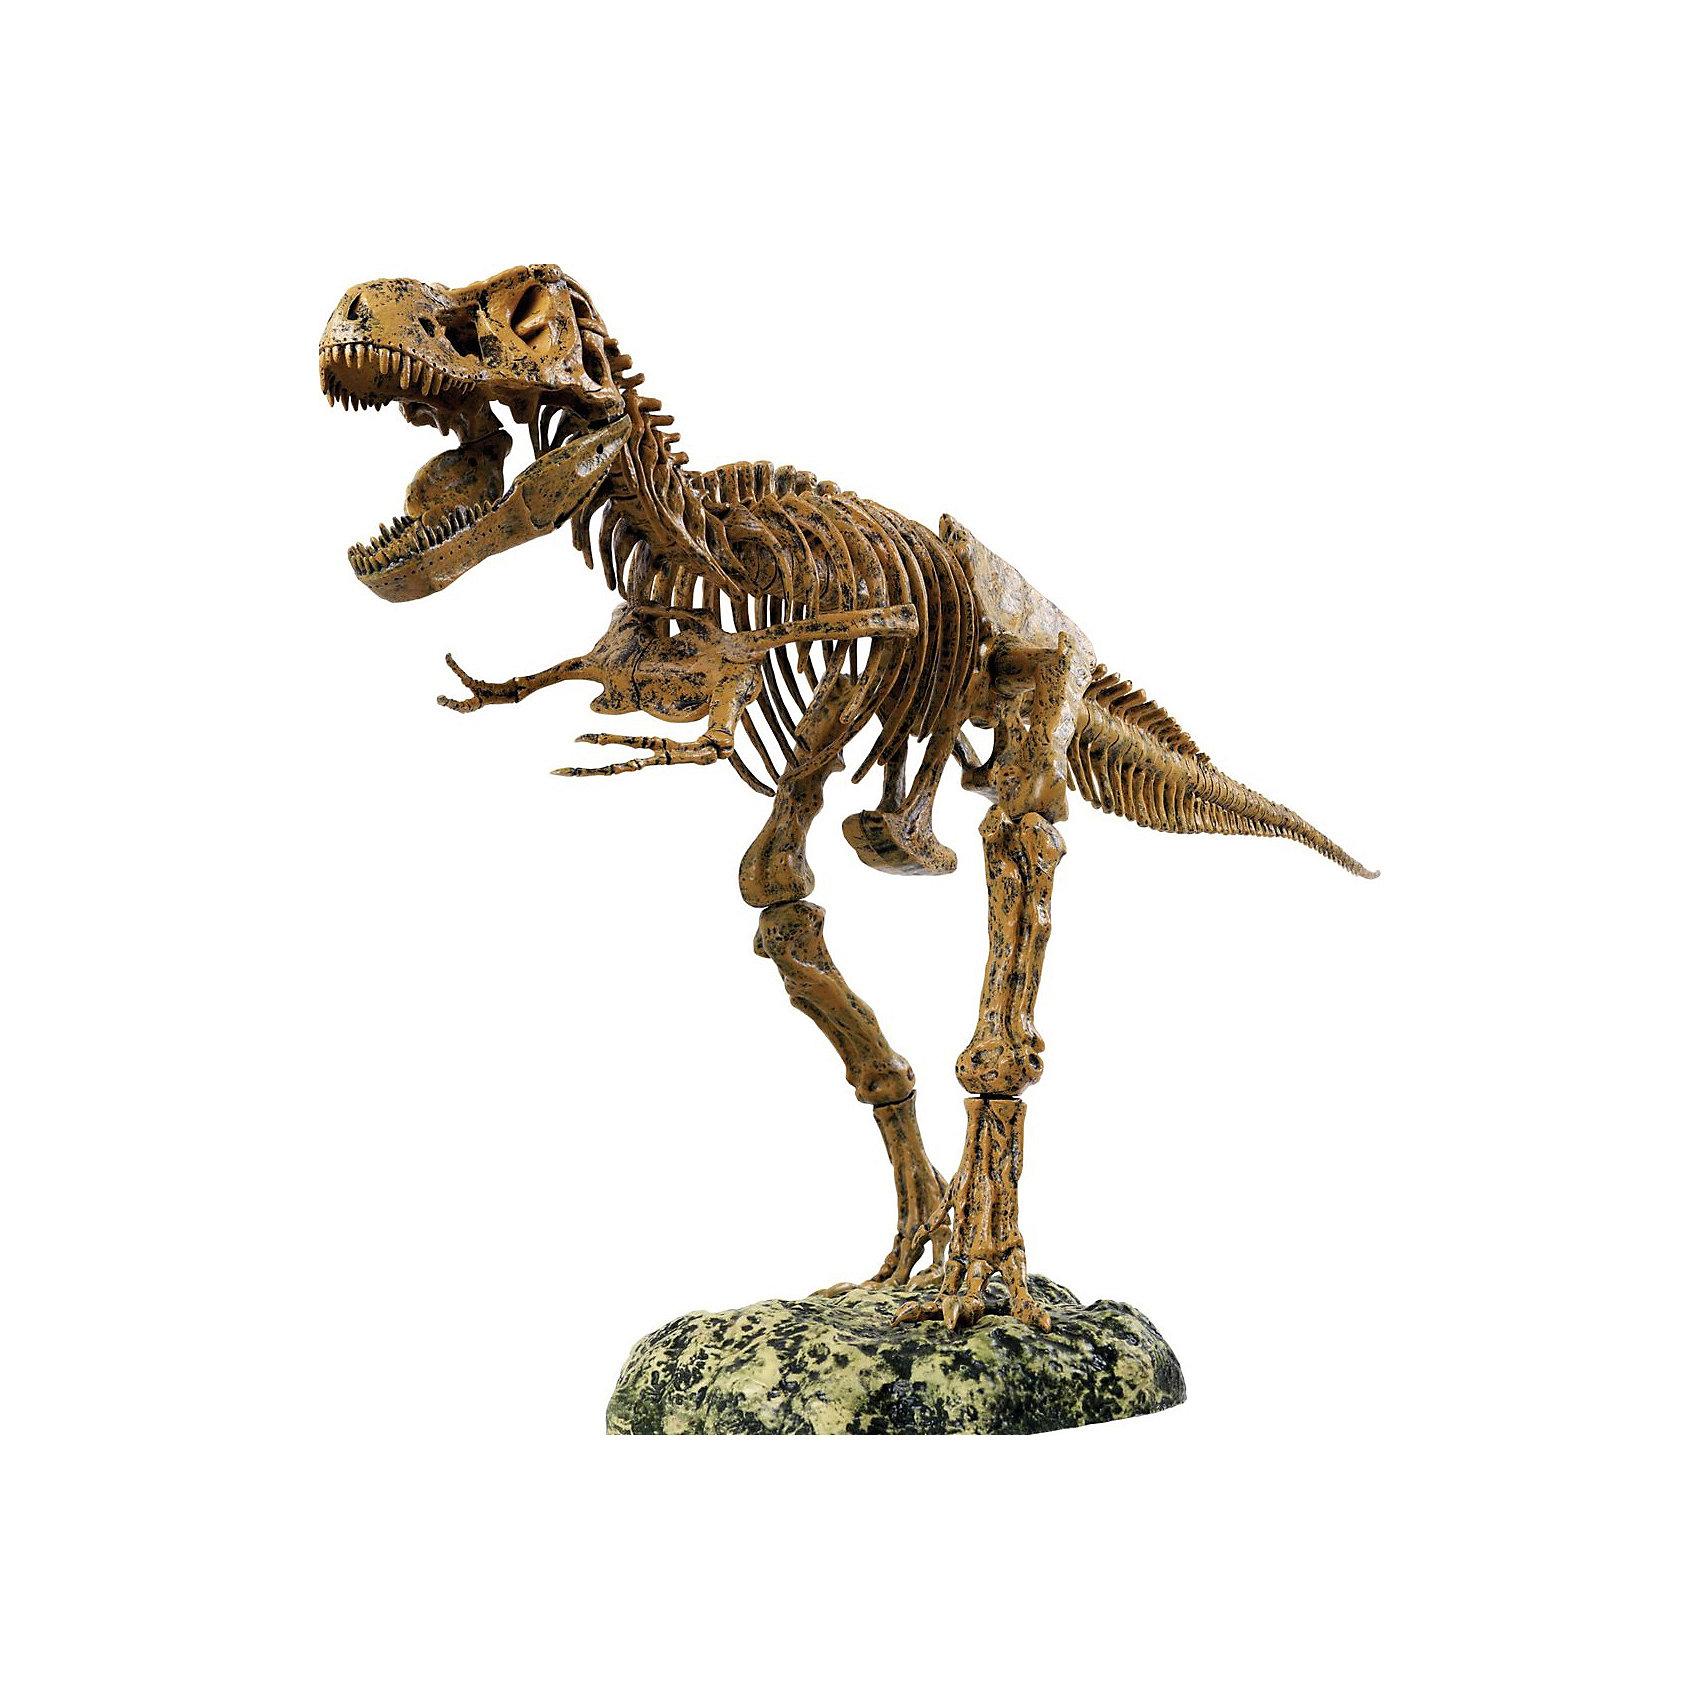 Набор скелет динозавра 91см, Edu-ToysС помощь увлекательного Набора Скелет динозавра, Edu-Toys Вы сможете собрать впечатляющую, высотой 91 см., копию скелета древнего ящера тираннозавра Т-Rex. В комплекте 51 деталь для сборки, в точности воспроизводящая все кости скелета легендарного динозавра. Готовая модель настолько реалистична, что больше напоминает музейный экспонат, чем игрушку. Подробная инструкция поможет легко собрать всю конструкцию, для удобства сборки на каждой детали выгравирован номер. <br><br>Дополнительная информация:<br><br>- В комплекте: 51 деталь, стенд, инструкция по сборке.<br>- Высота модели: 91 см.<br>- Материал: пластик.<br>- Размер упаковки: 61 x 41 x 9 см.<br>- Вес: 2,15 кг.<br><br>Набор скелет динозавра, Edu-Toys, можно купить в нашем интернет-магазине.<br><br>Ширина мм: 620<br>Глубина мм: 42<br>Высота мм: 380<br>Вес г: 2150<br>Возраст от месяцев: 96<br>Возраст до месяцев: 144<br>Пол: Унисекс<br>Возраст: Детский<br>SKU: 4013735